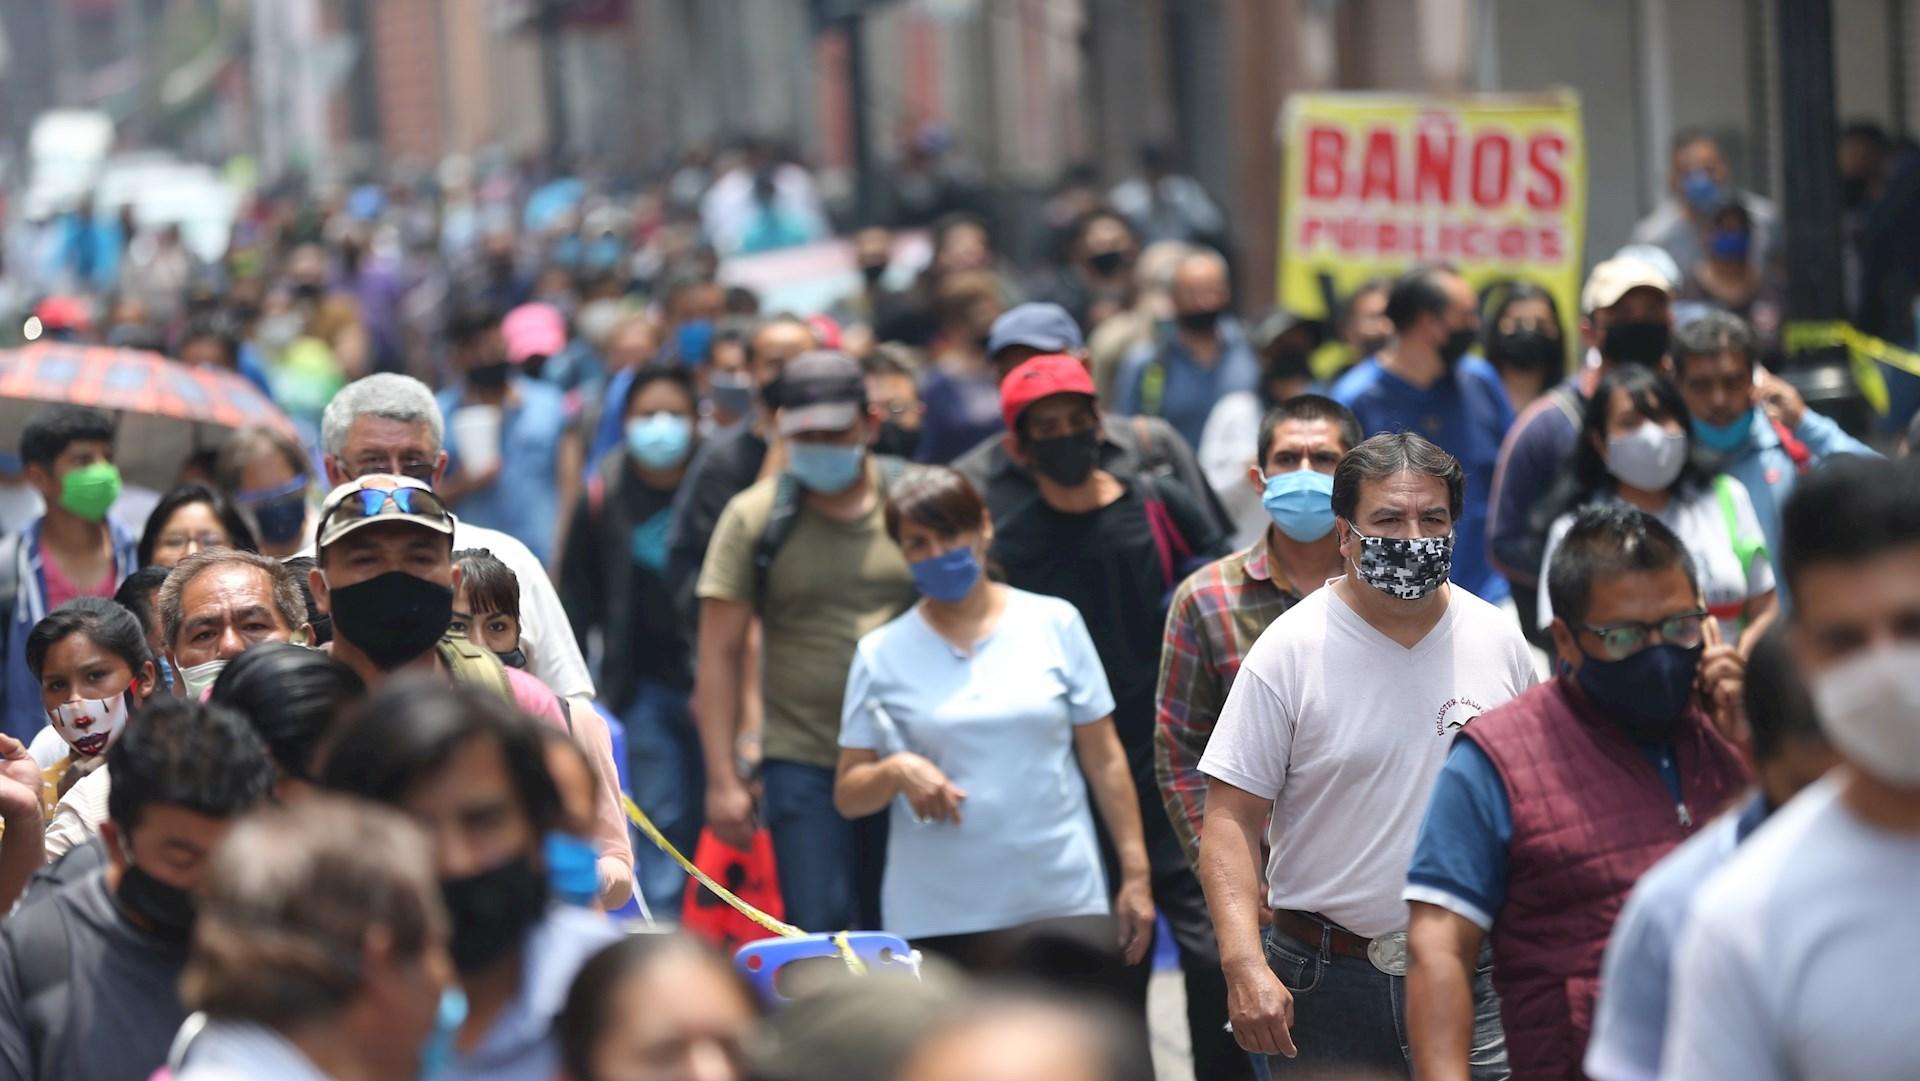 Dutzende von Menschen stehen an, um das historische Zentrum in Mexiko-Stadt zu betreten. Foto von EFE / Sáshenka Gutiérrez.